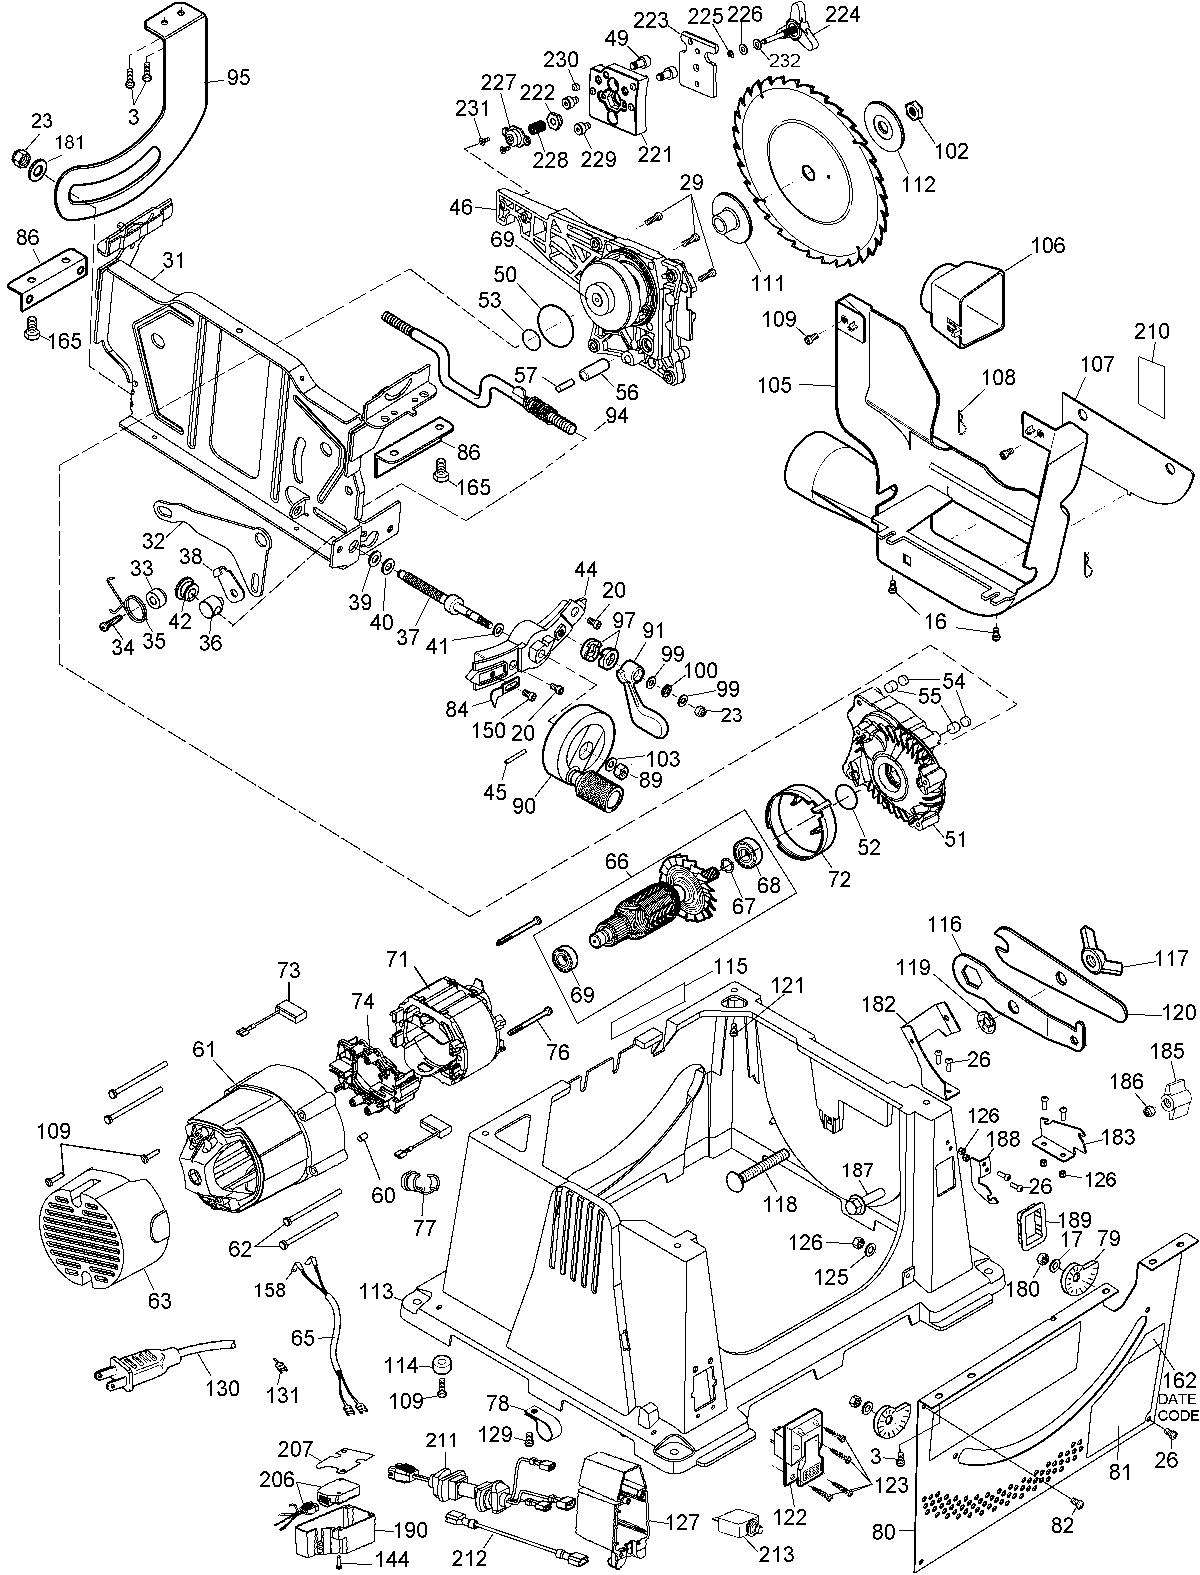 dewalt scroll saw parts diagram meetcolab dewalt scroll saw parts diagram tool diagram diagram